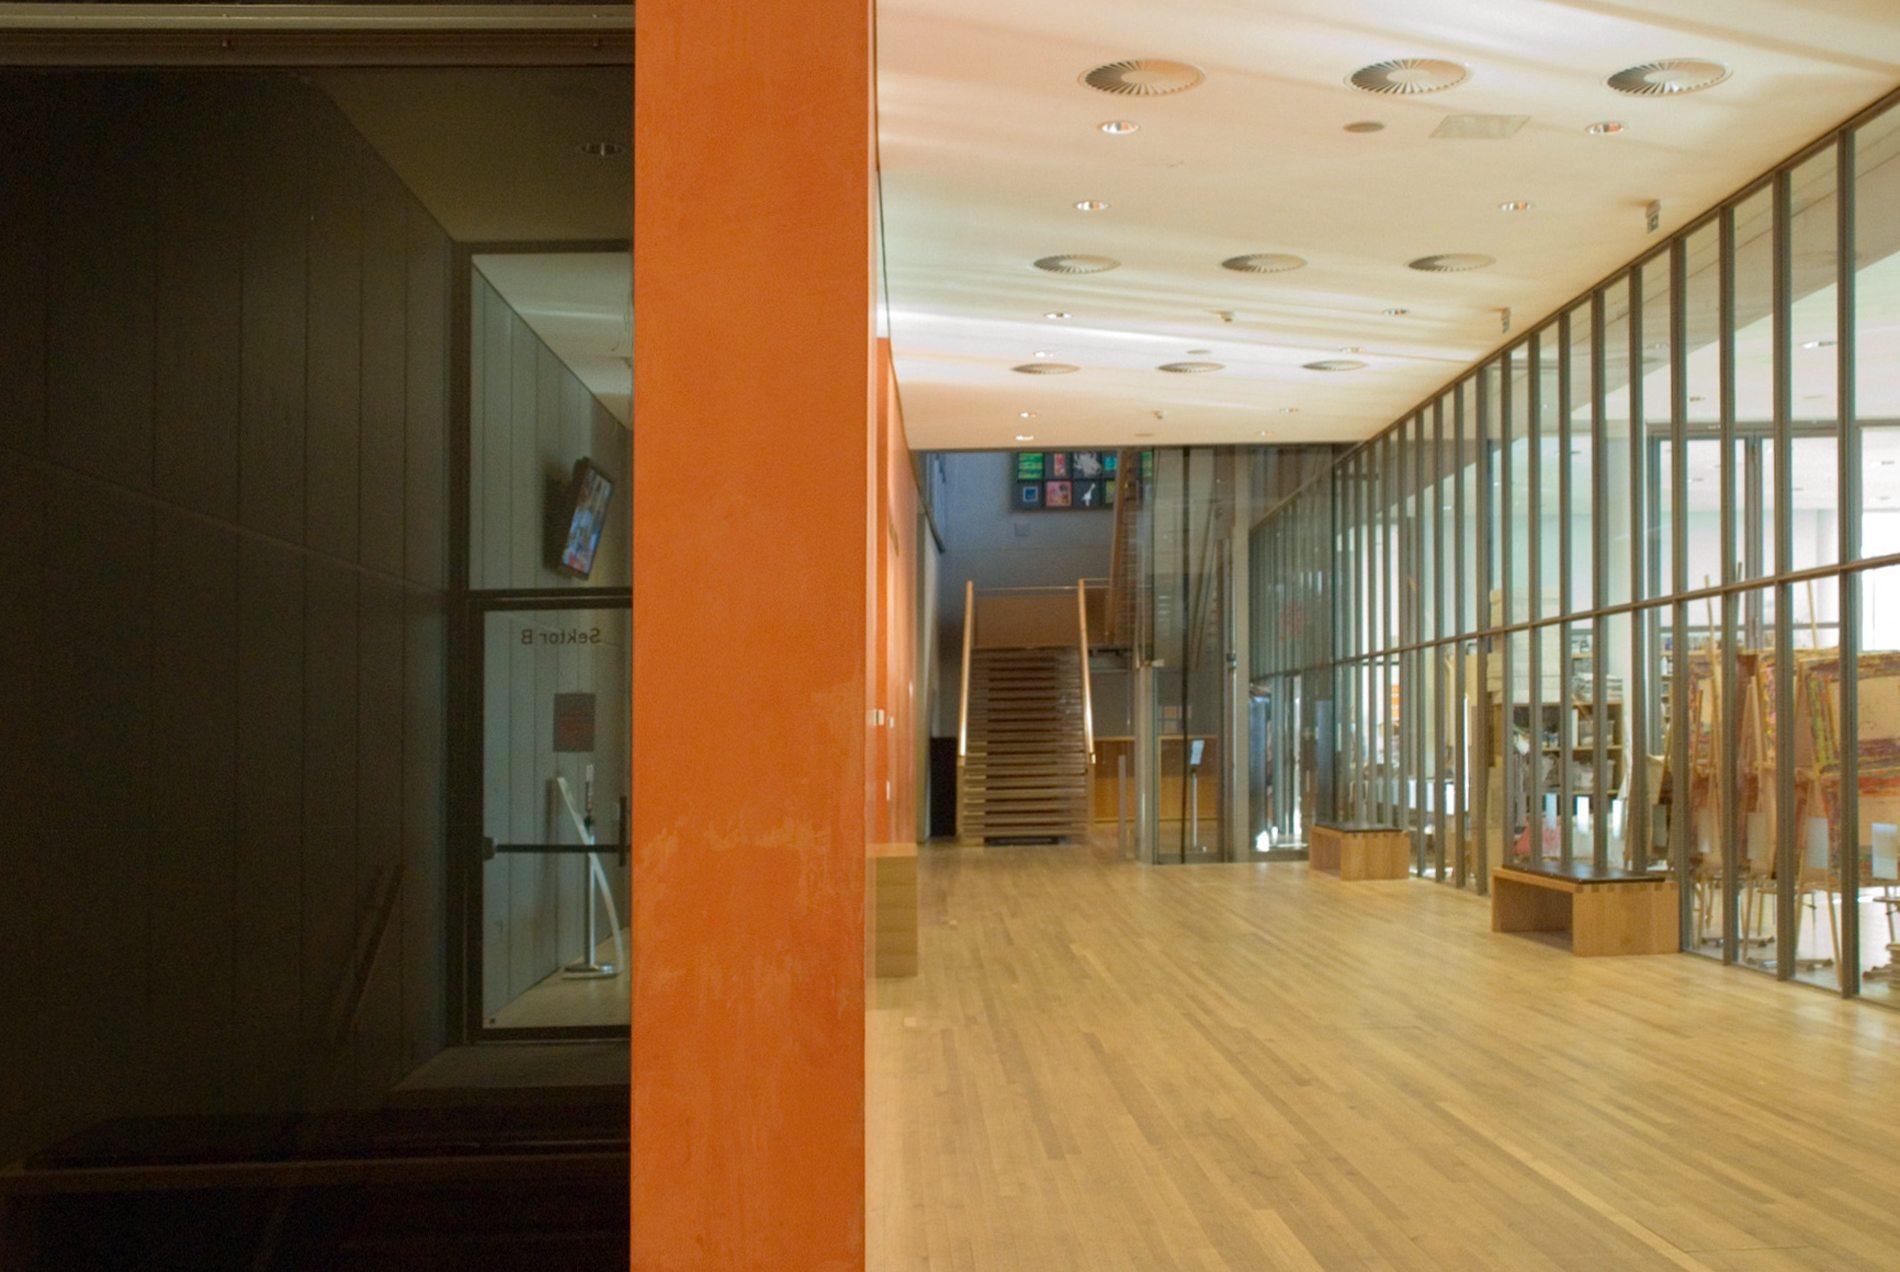 Zentrum Paul Klee. Das Kindermuseum Creaviva im Untergeschoss bietet eine bunte Palette an Angeboten für unterschiedlichste Altersgruppen.